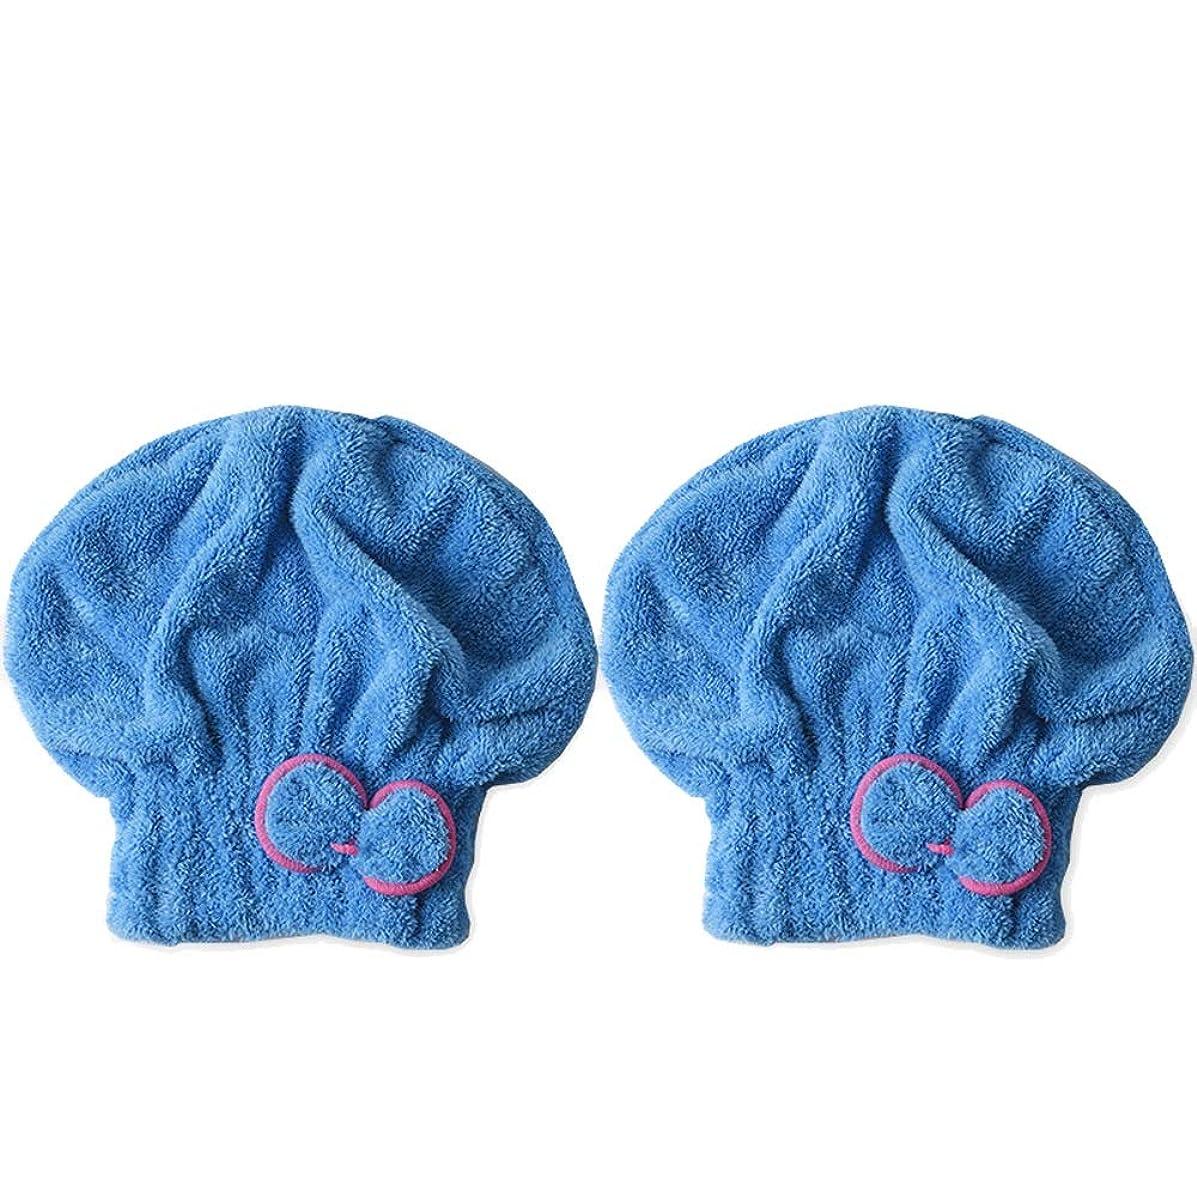 知っているに立ち寄る弱まるブレス家庭用品 シャワーキャップヘアドライヤー速乾性タオル吸収性シャワーキャップ (Color : E)